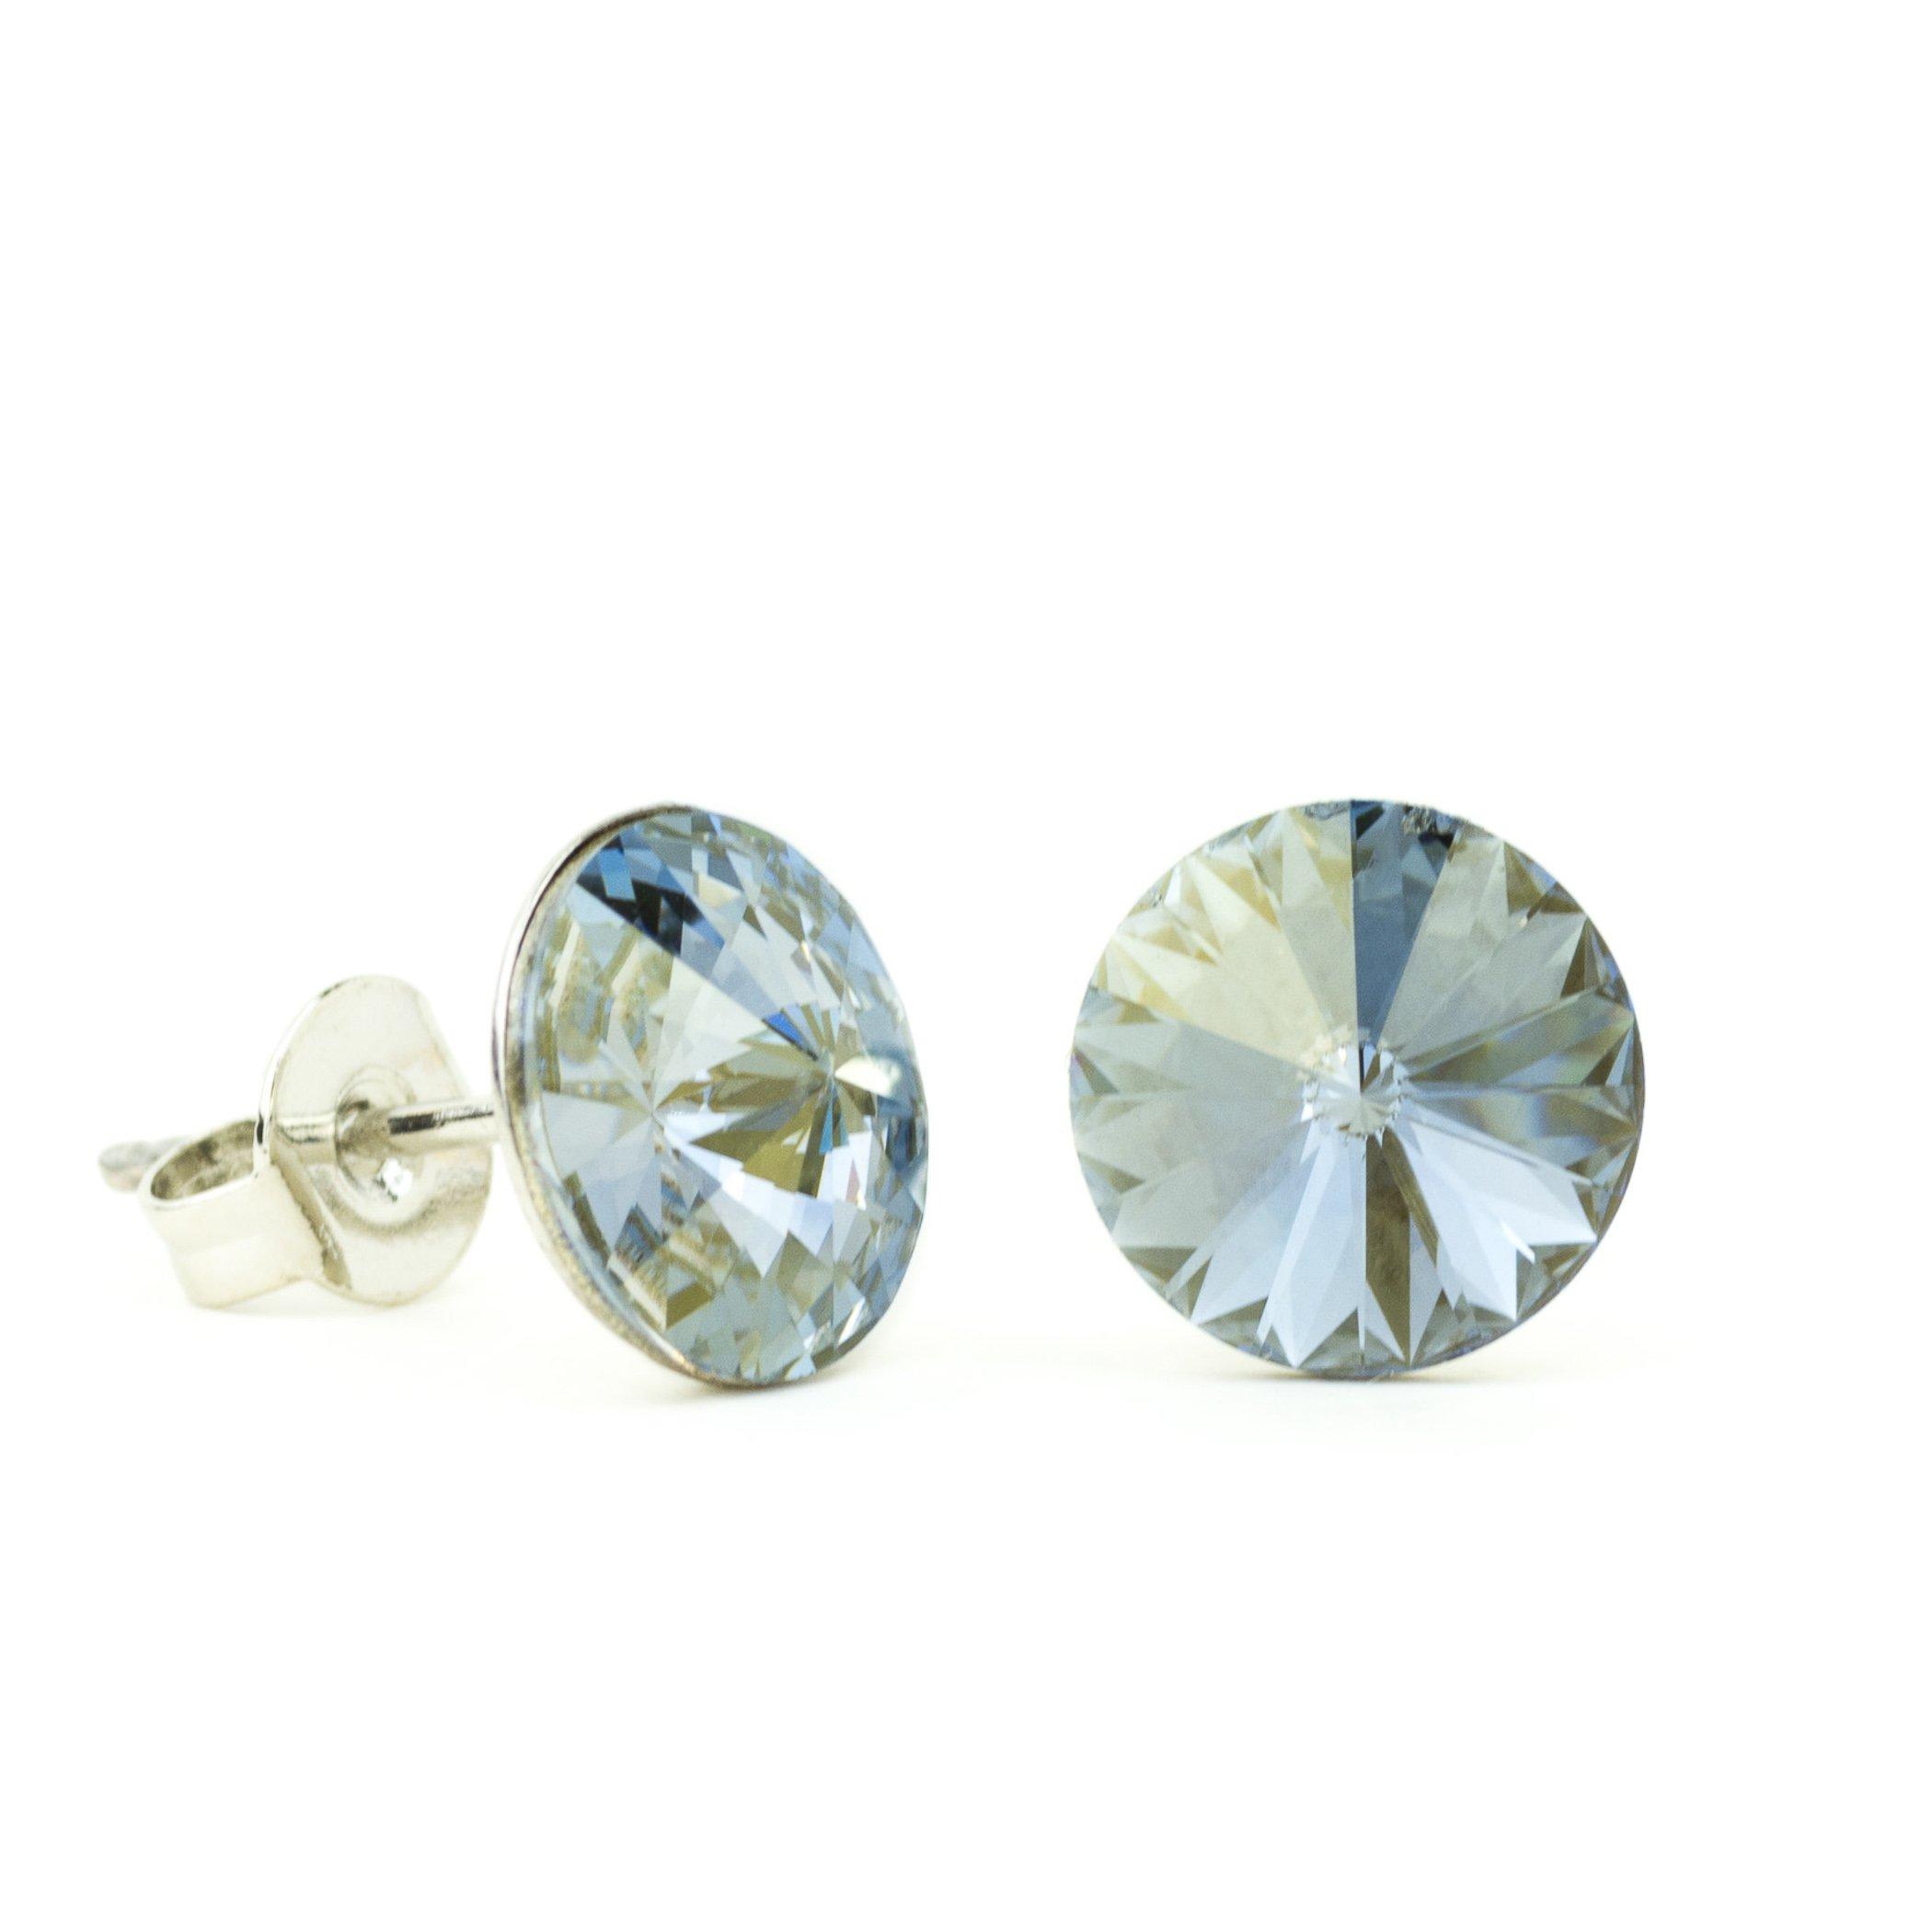 Eve S jewelry���Orecchini da donna Swarovski Elements Crystal Blue Shade placcati argento rodiato bl